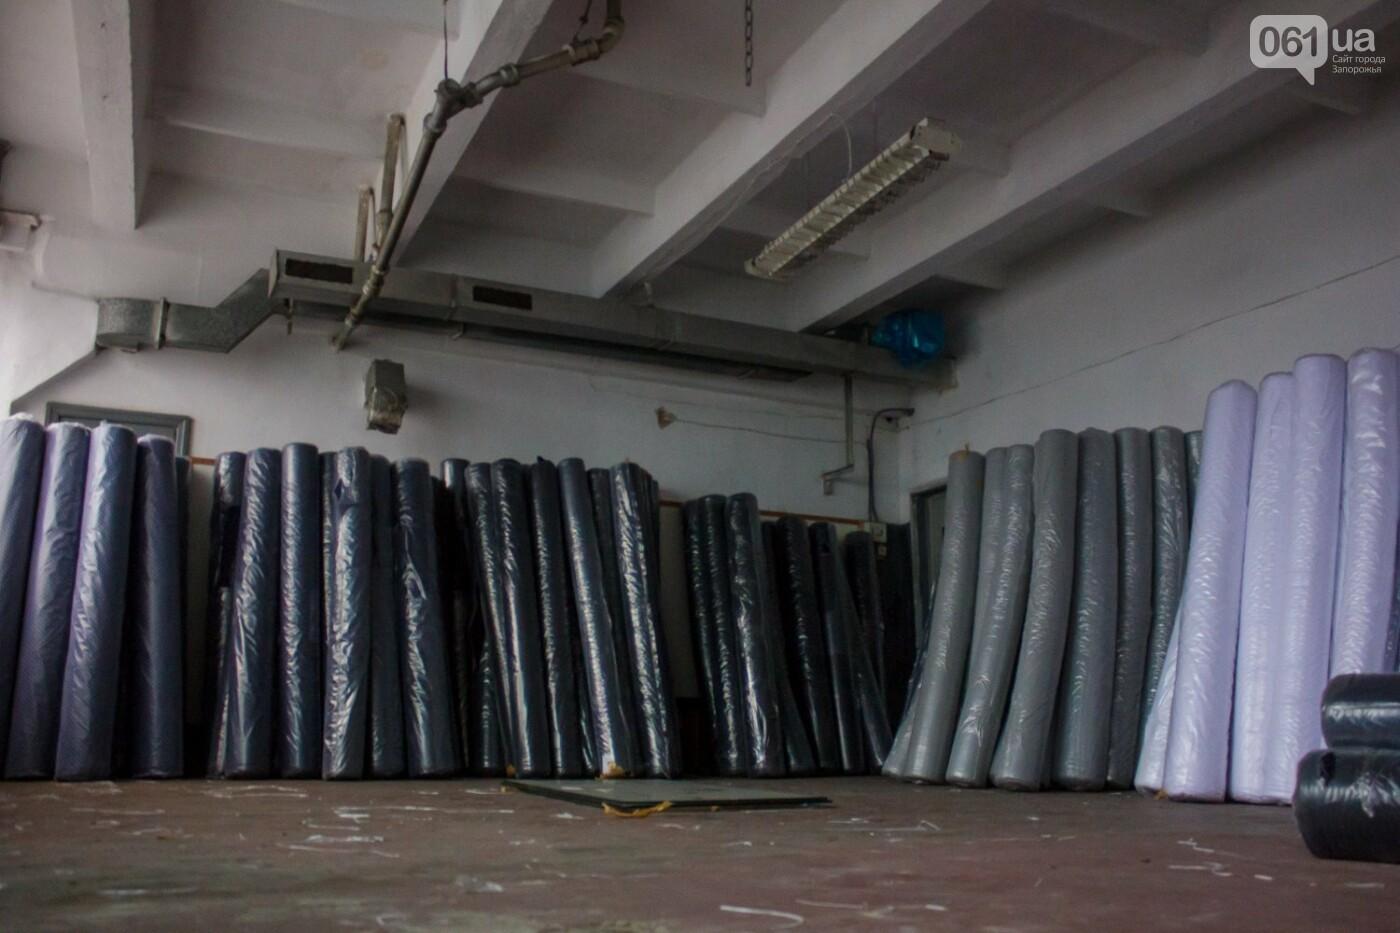 Как в Запорожье шьют мужское белье: экскурсия на трикотажную фабрику, – ФОТОРЕПОРТАЖ, фото-5